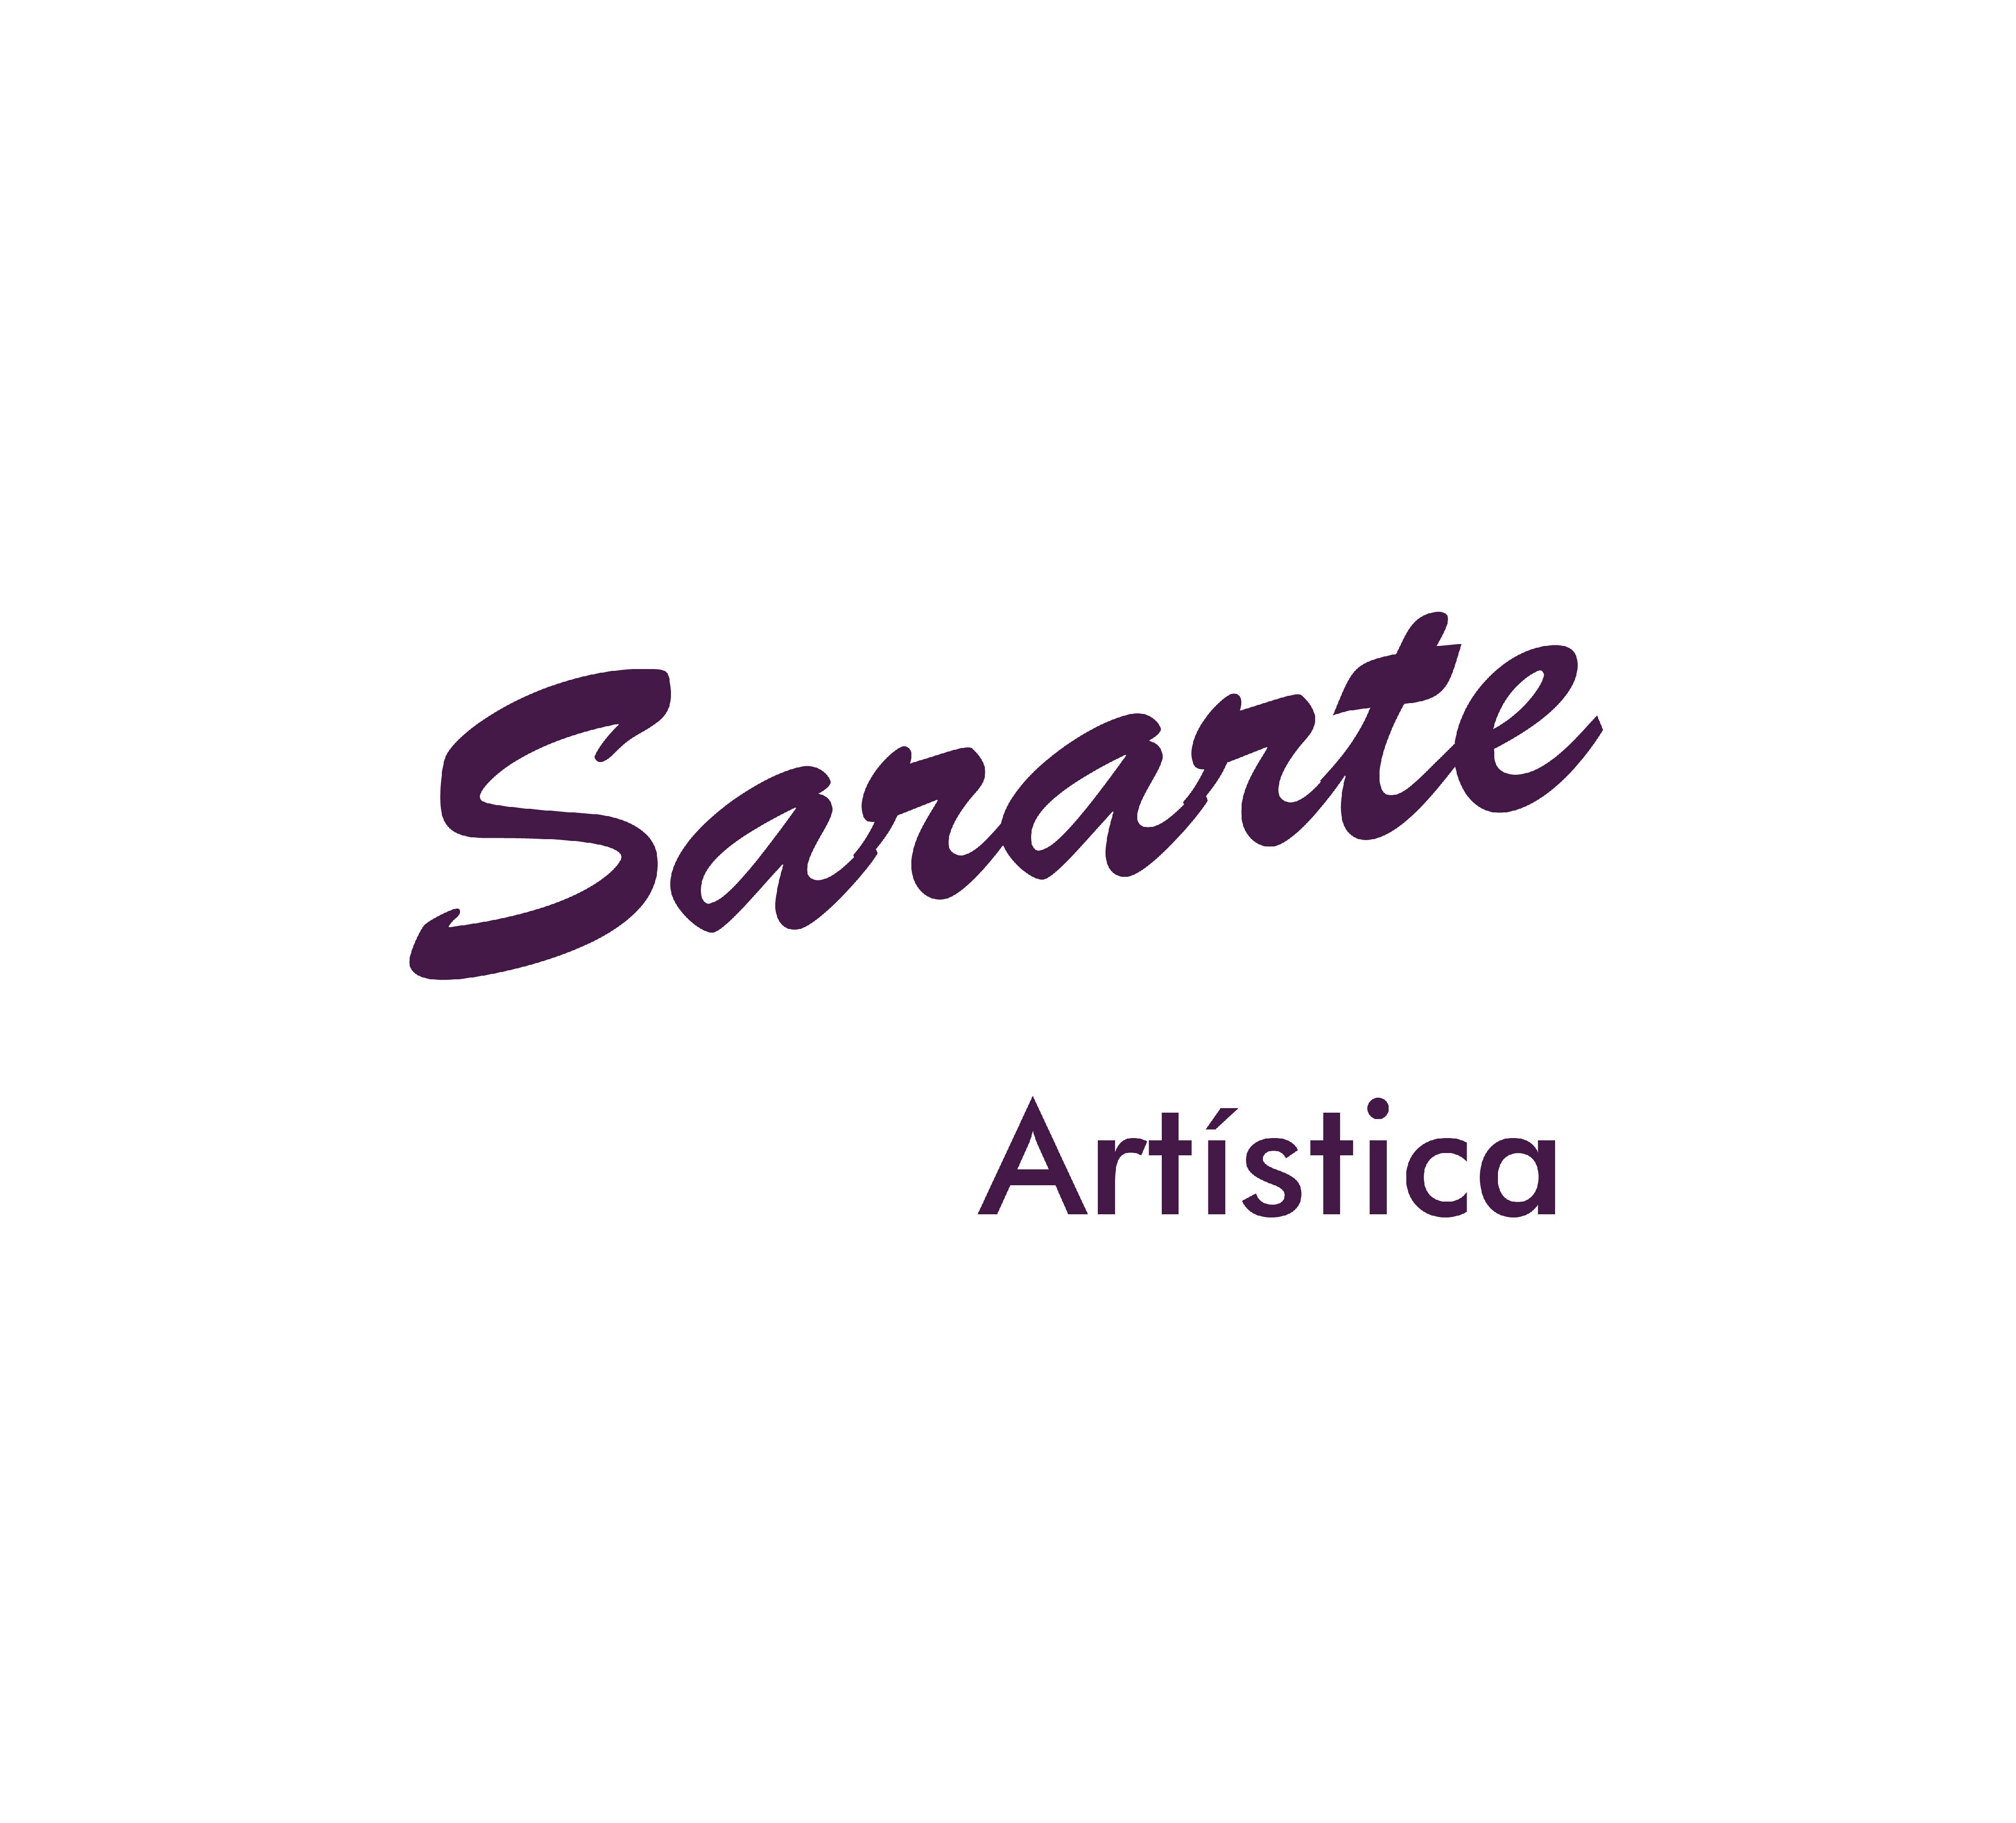 Sararte